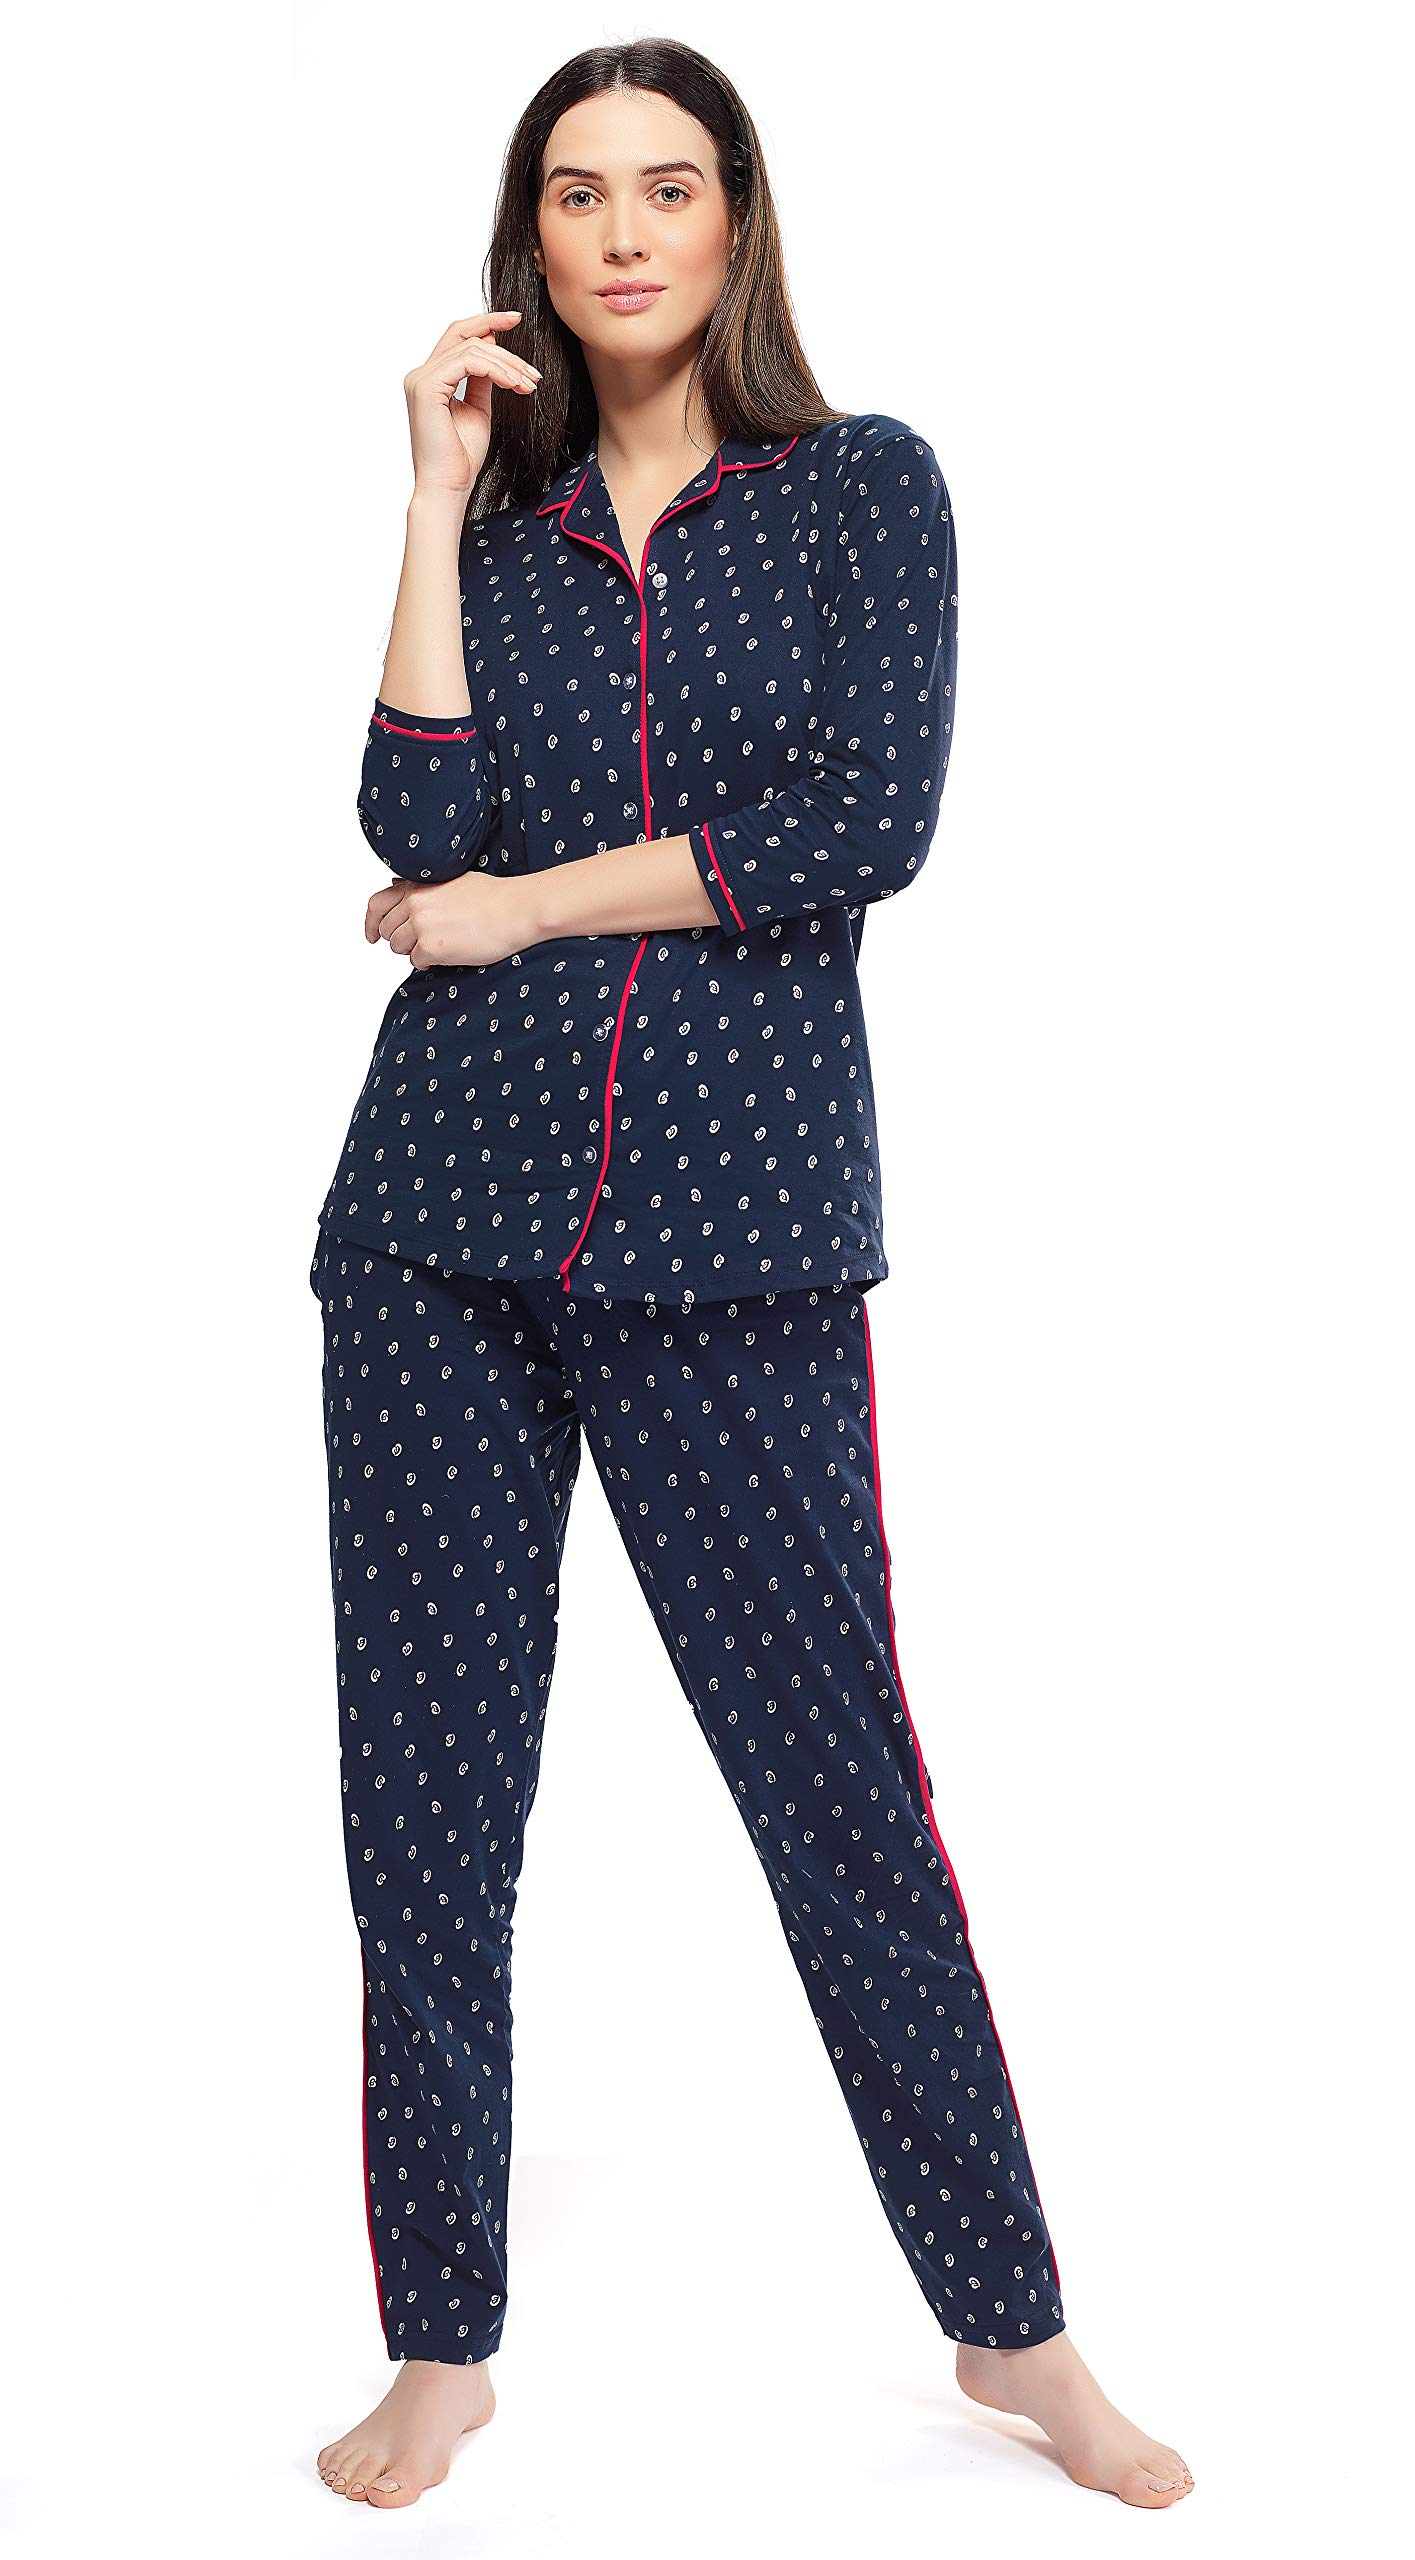 ZEYO Women's Cotton Navy Blue & Pink Unique Print Night Suit Set